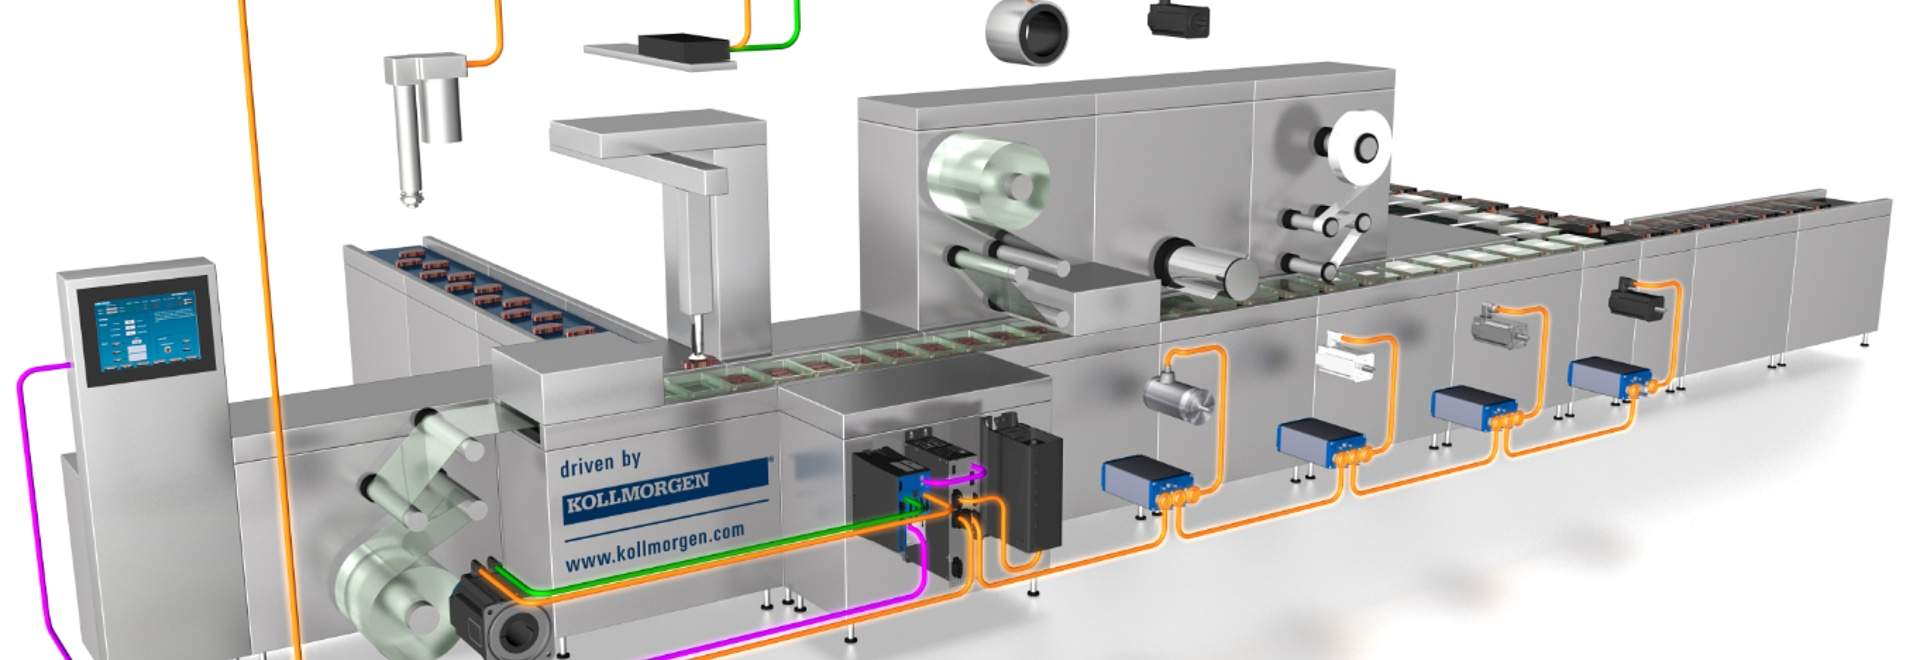 Máquina descentralizada centralizada tecnología serva de Kollmorgen